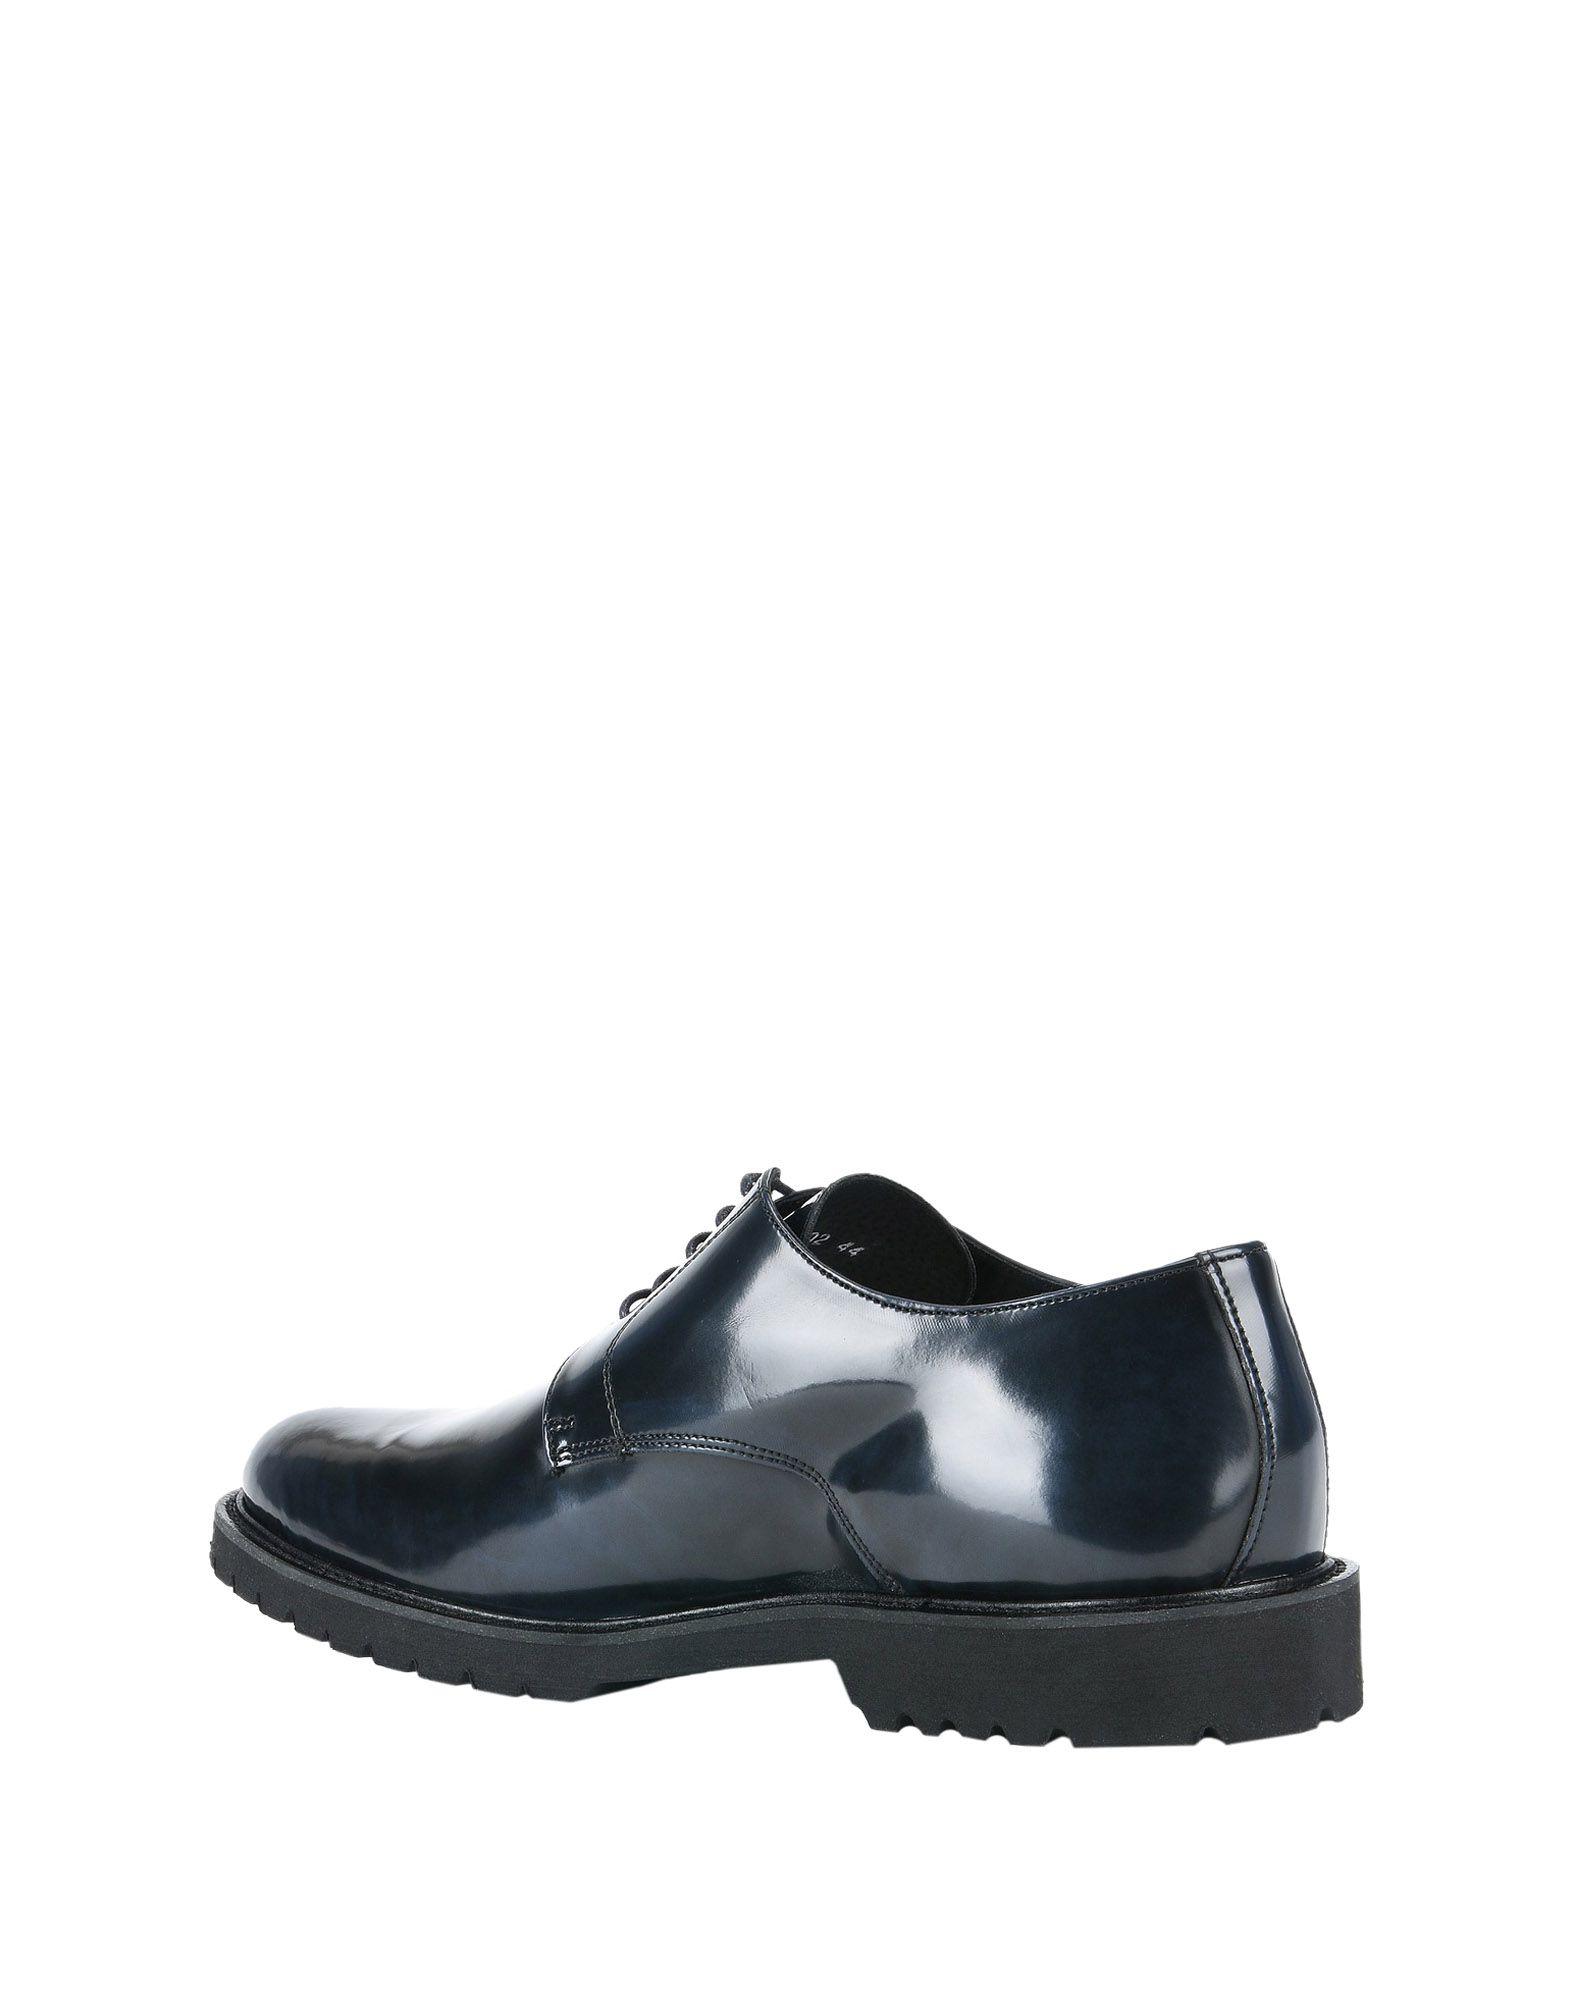 Ylati Heritage Schnürschuhe Herren  11482864PE Gute Qualität beliebte Schuhe